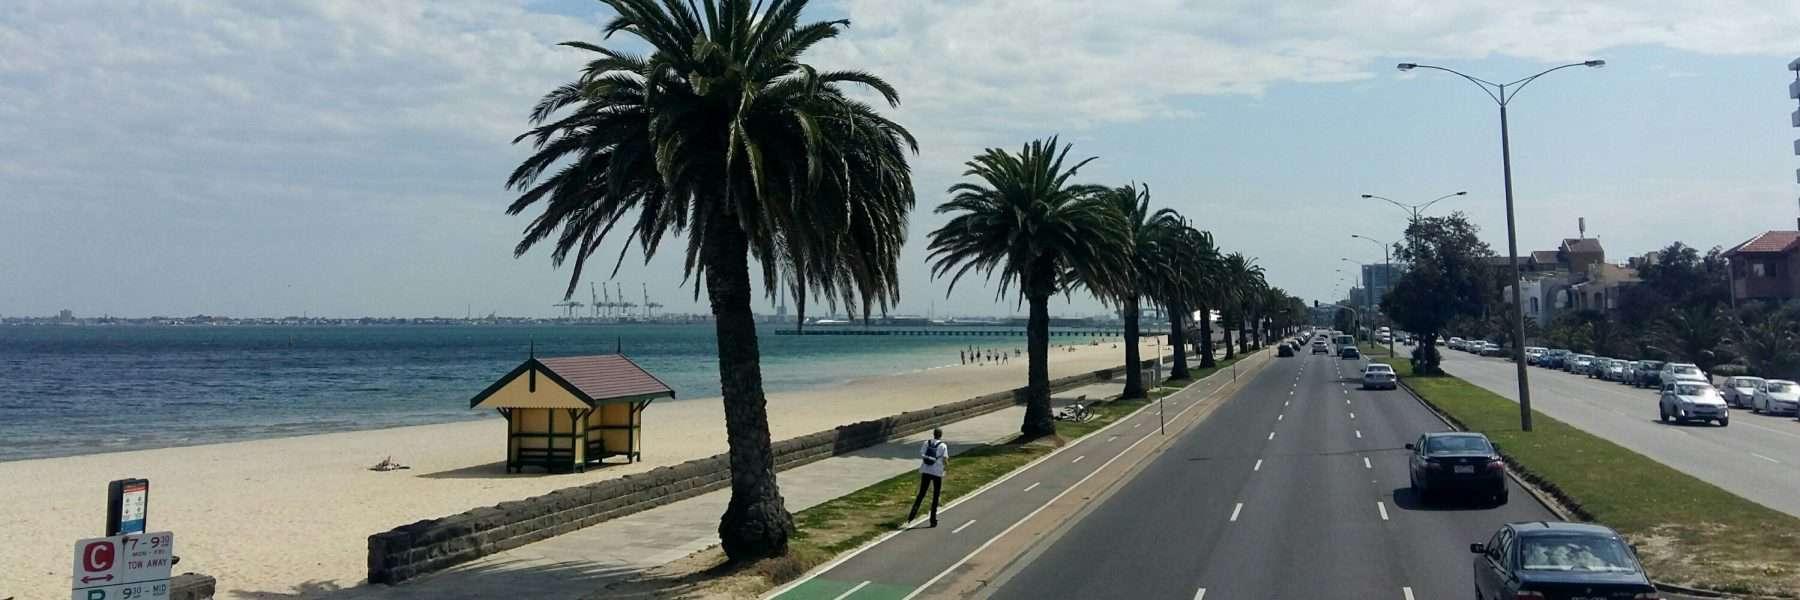 St Kilda, Melbourne, Australia